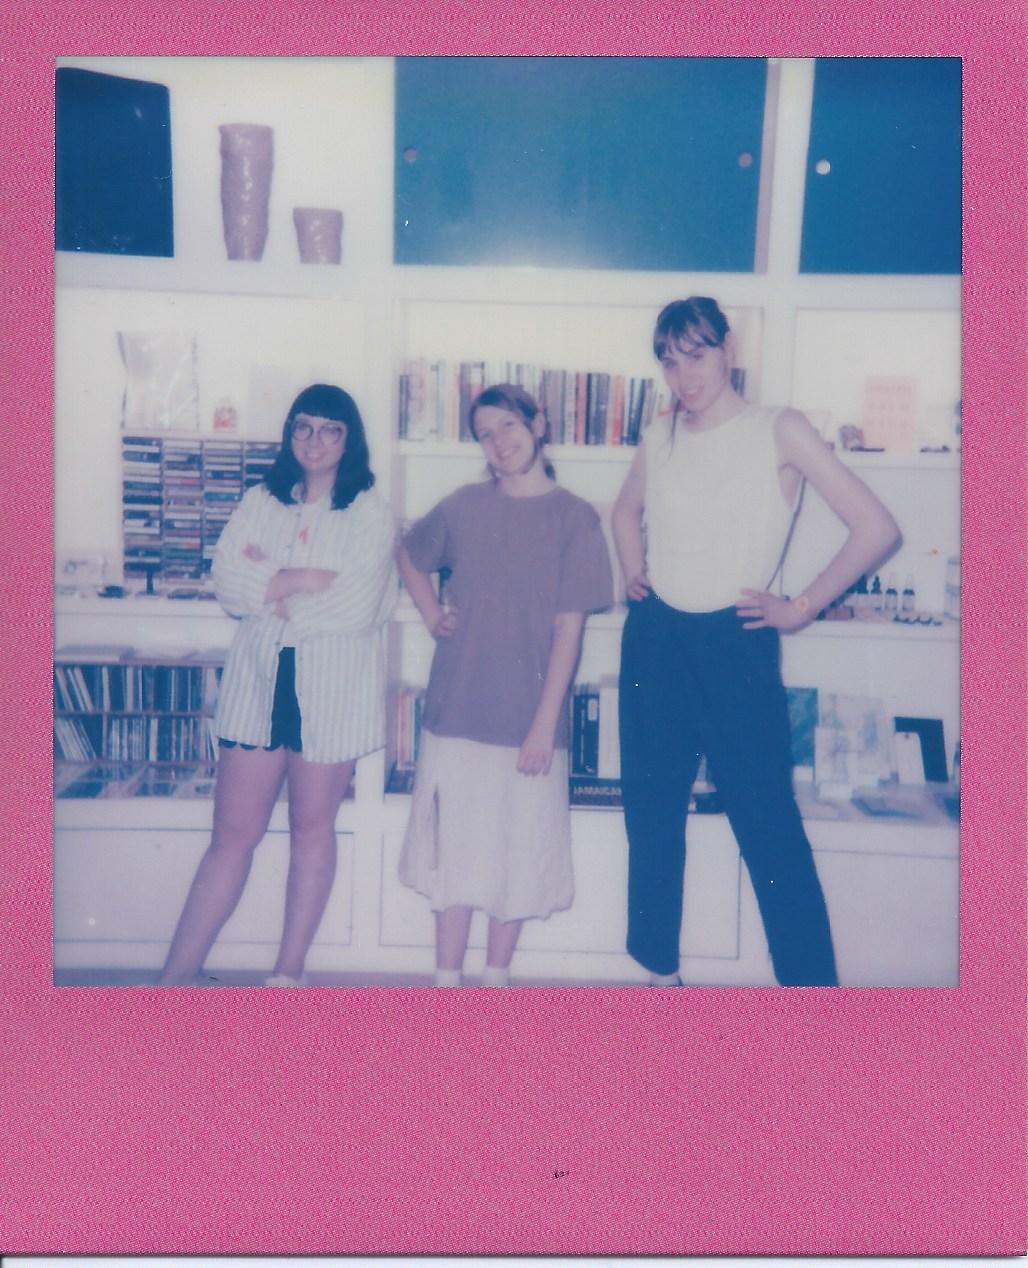 Commend Trio Photo - 003